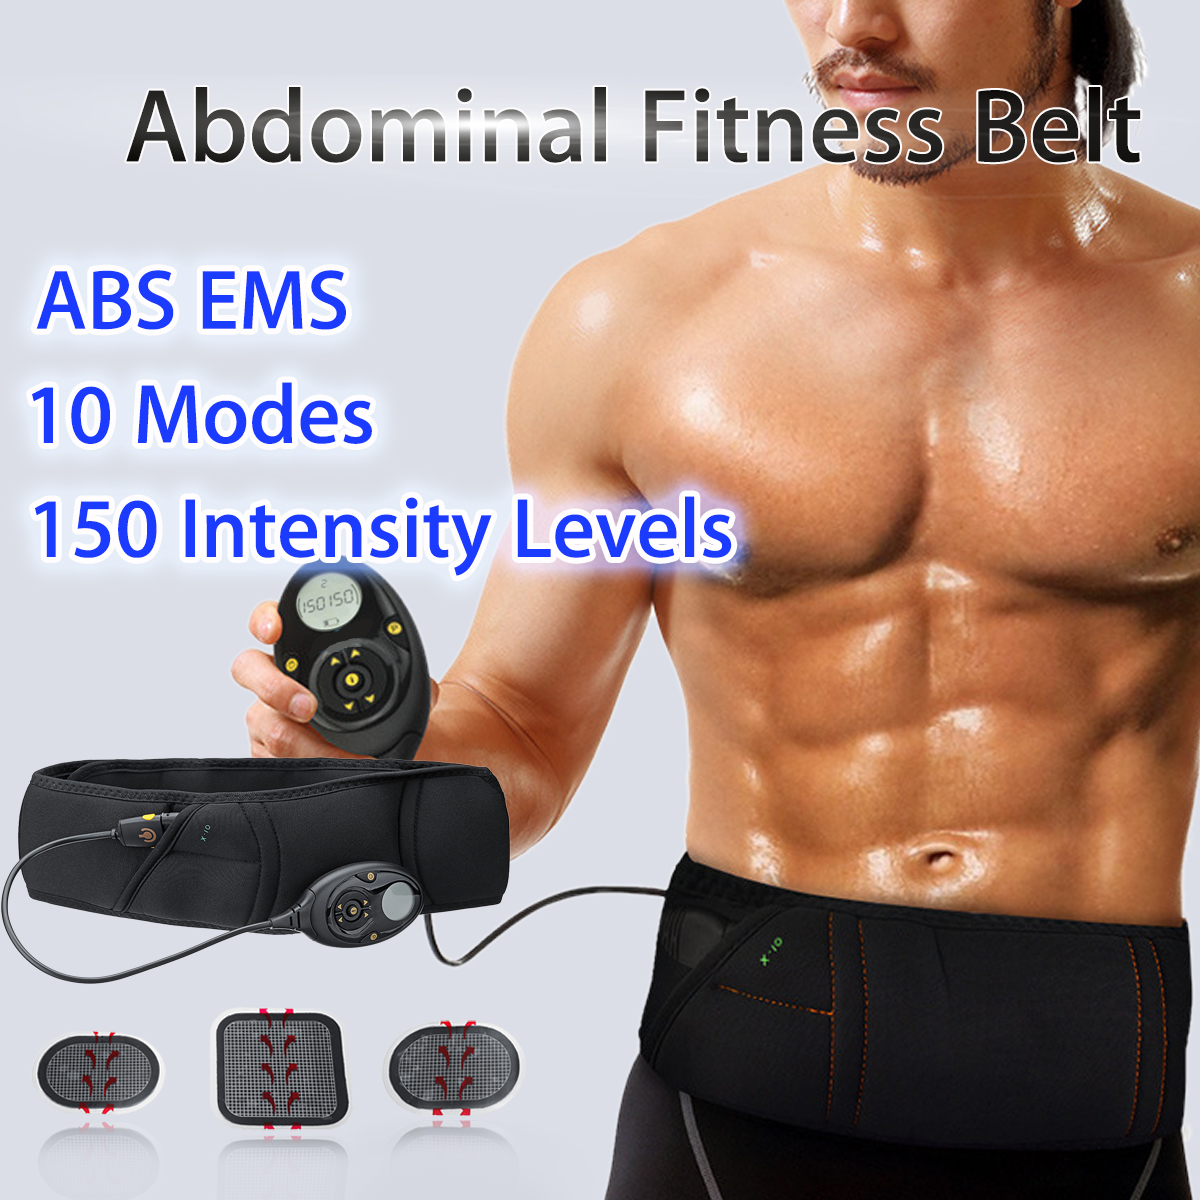 EMS Электрический мышц живота Пояс для похудения Похудение Фитнес массаж Sway вибрации мышцы живота талии тренер стимулятор